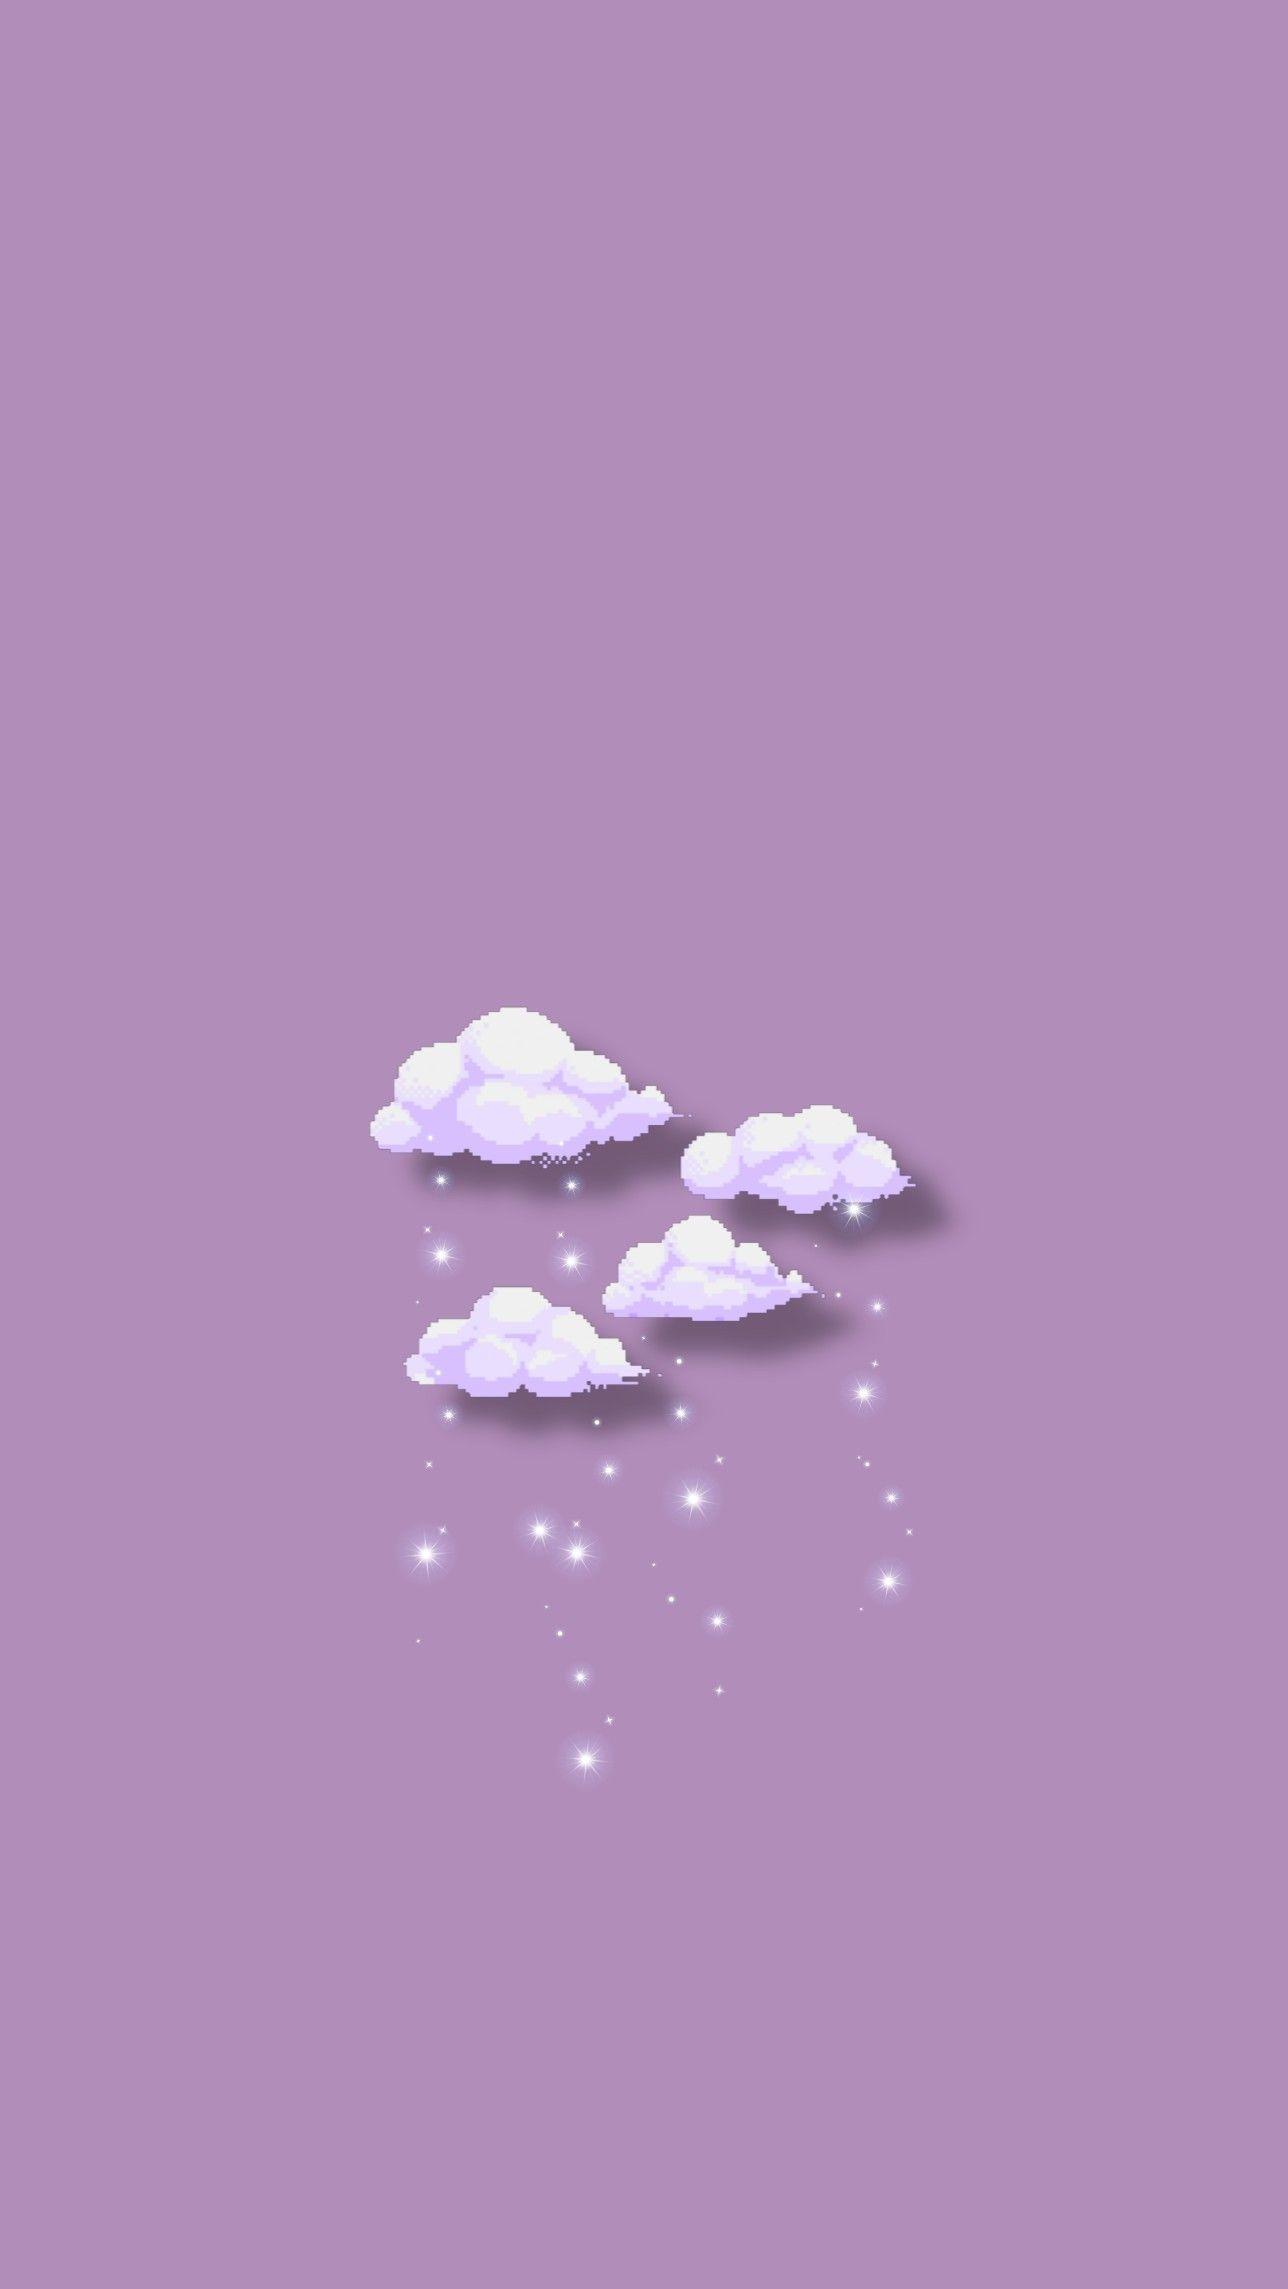 Purple Violet Clouds Aesthetic Wallpaper Latar Belakang Pemandangan Khayalan Wallpaper Ponsel Cute purple aesthetic wallpaper clouds